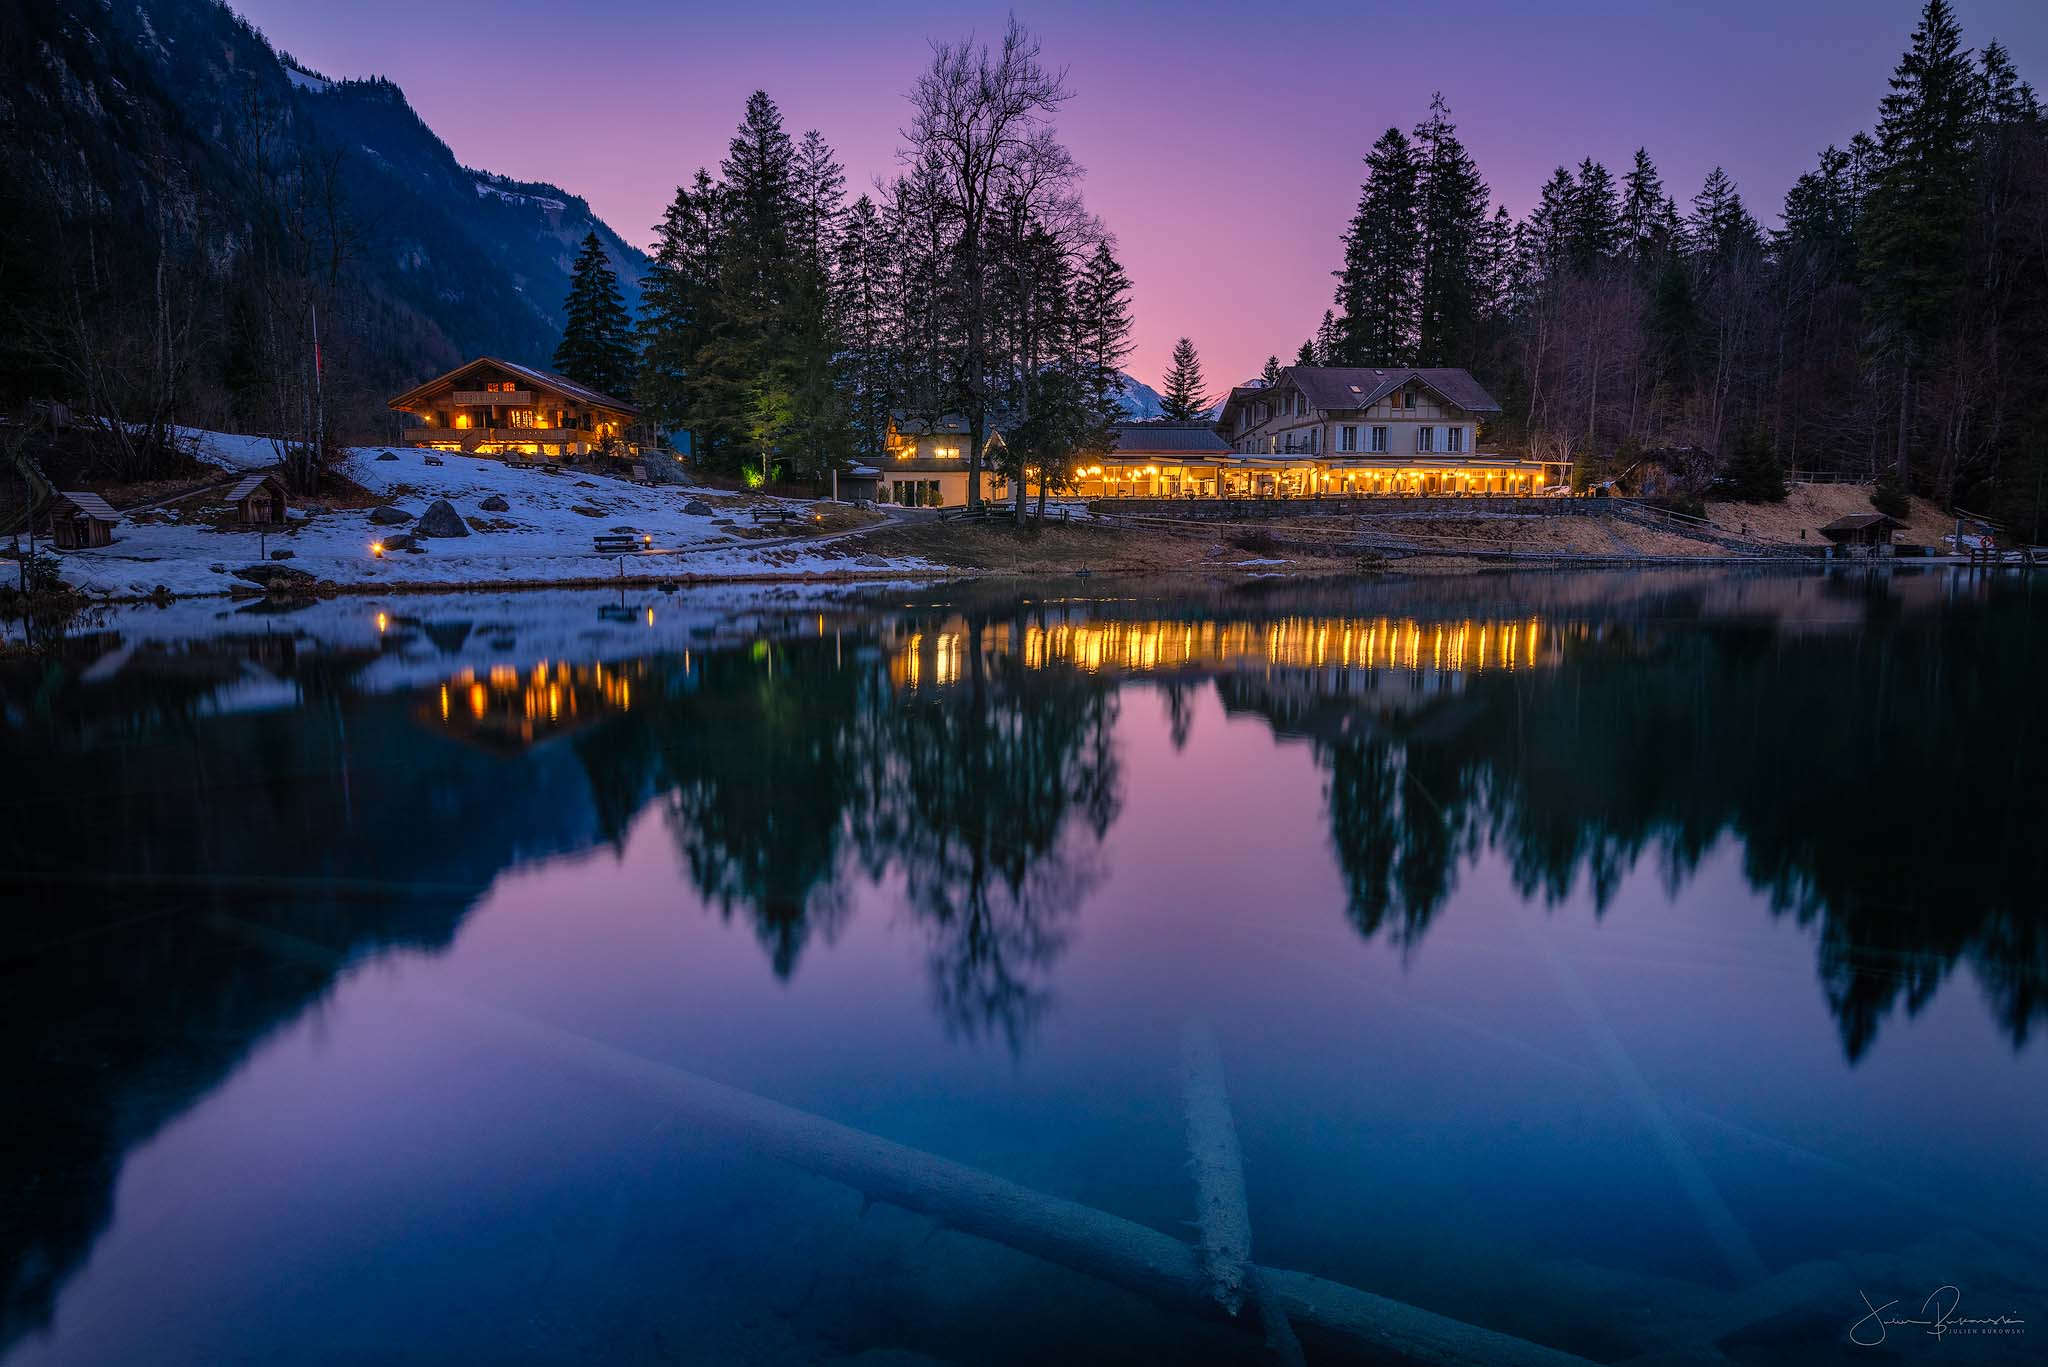 Blausee (Suisse)